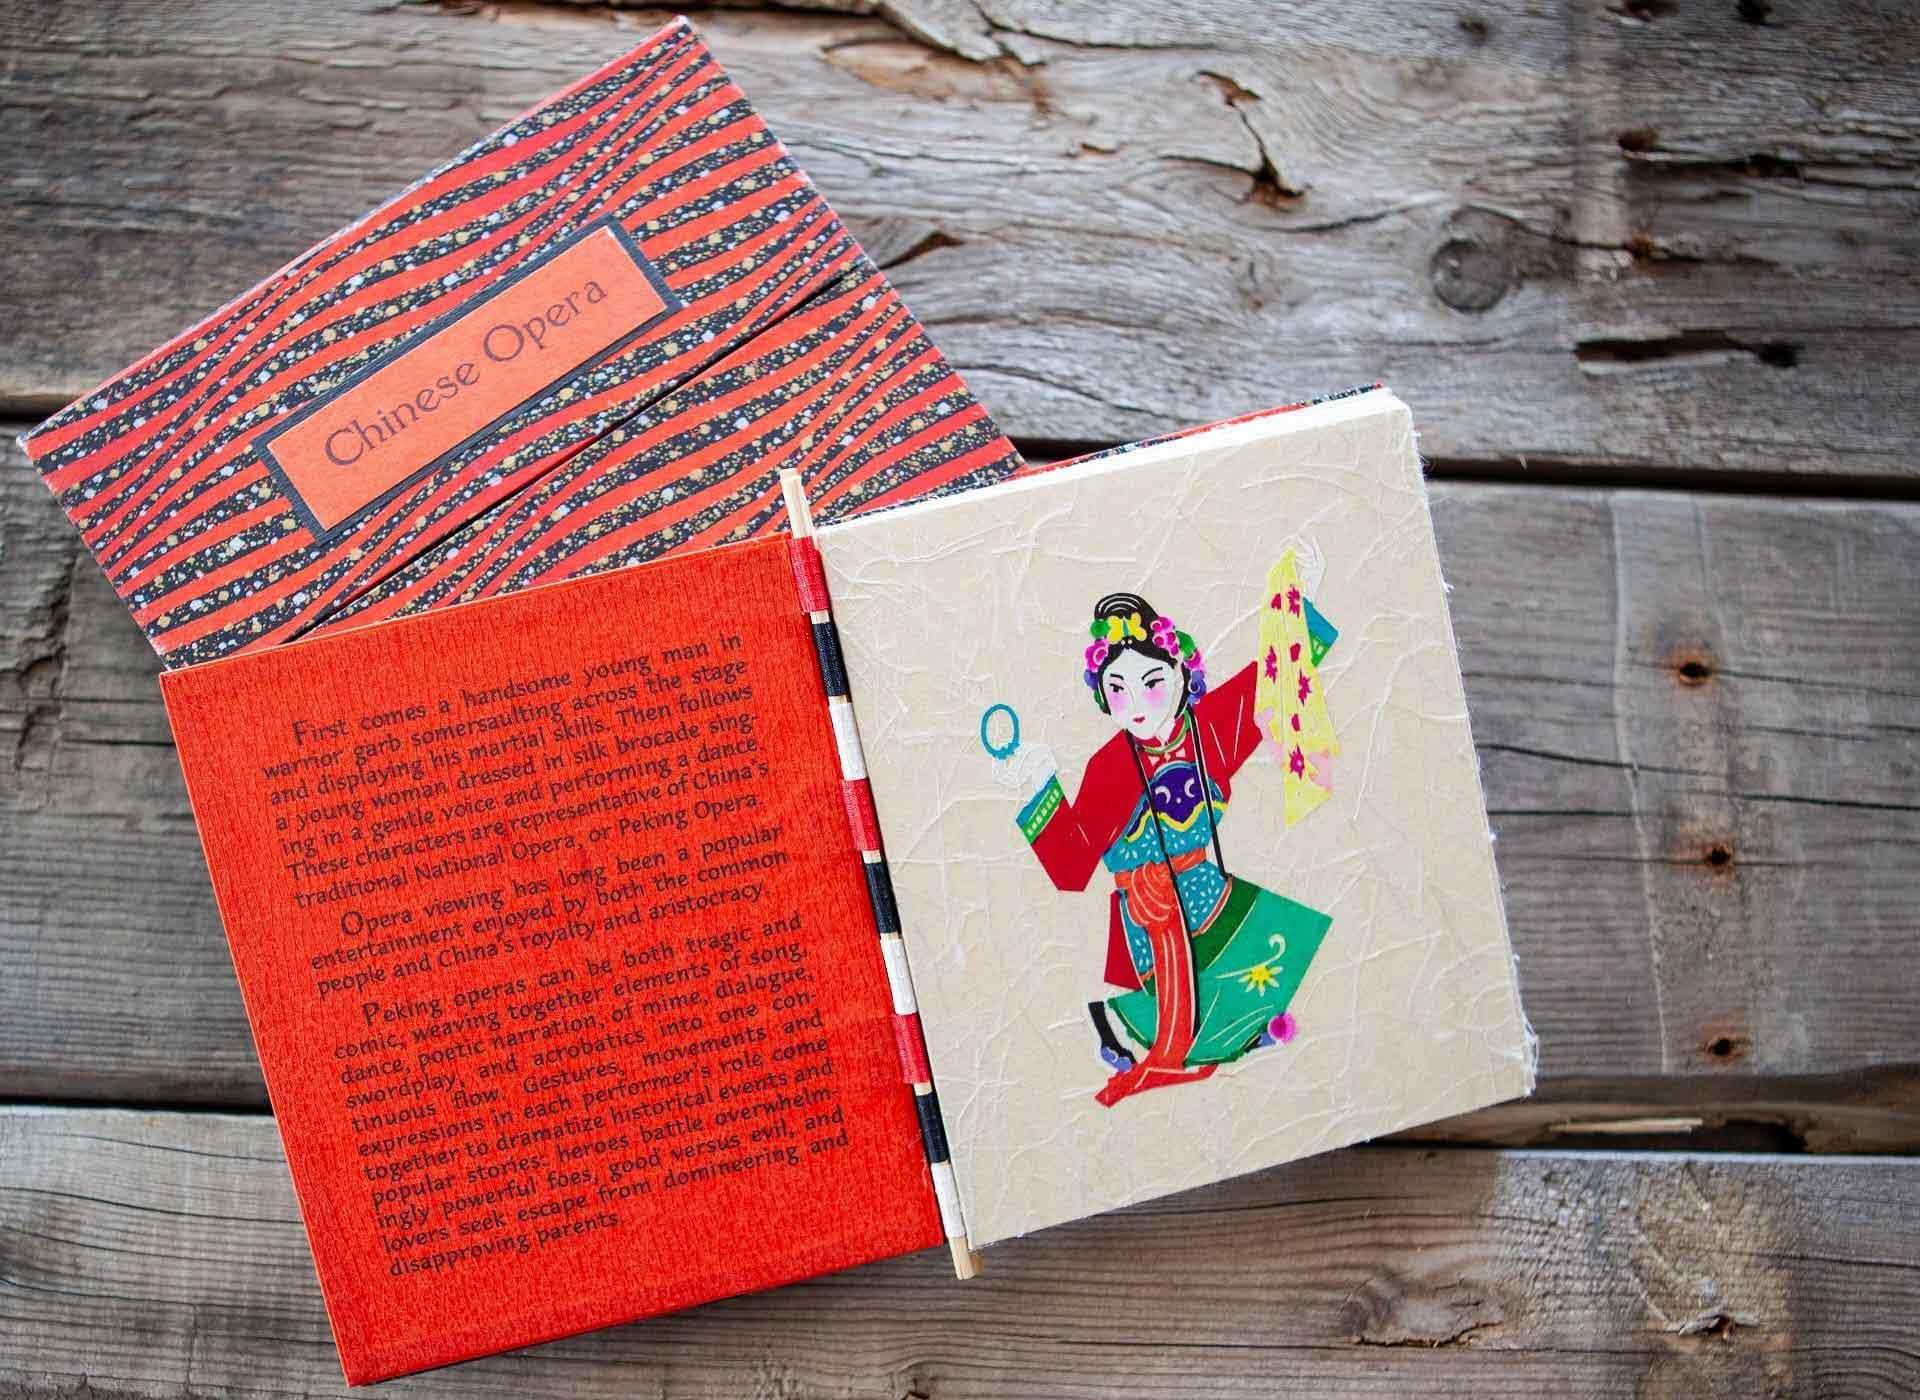 Chinese opera book